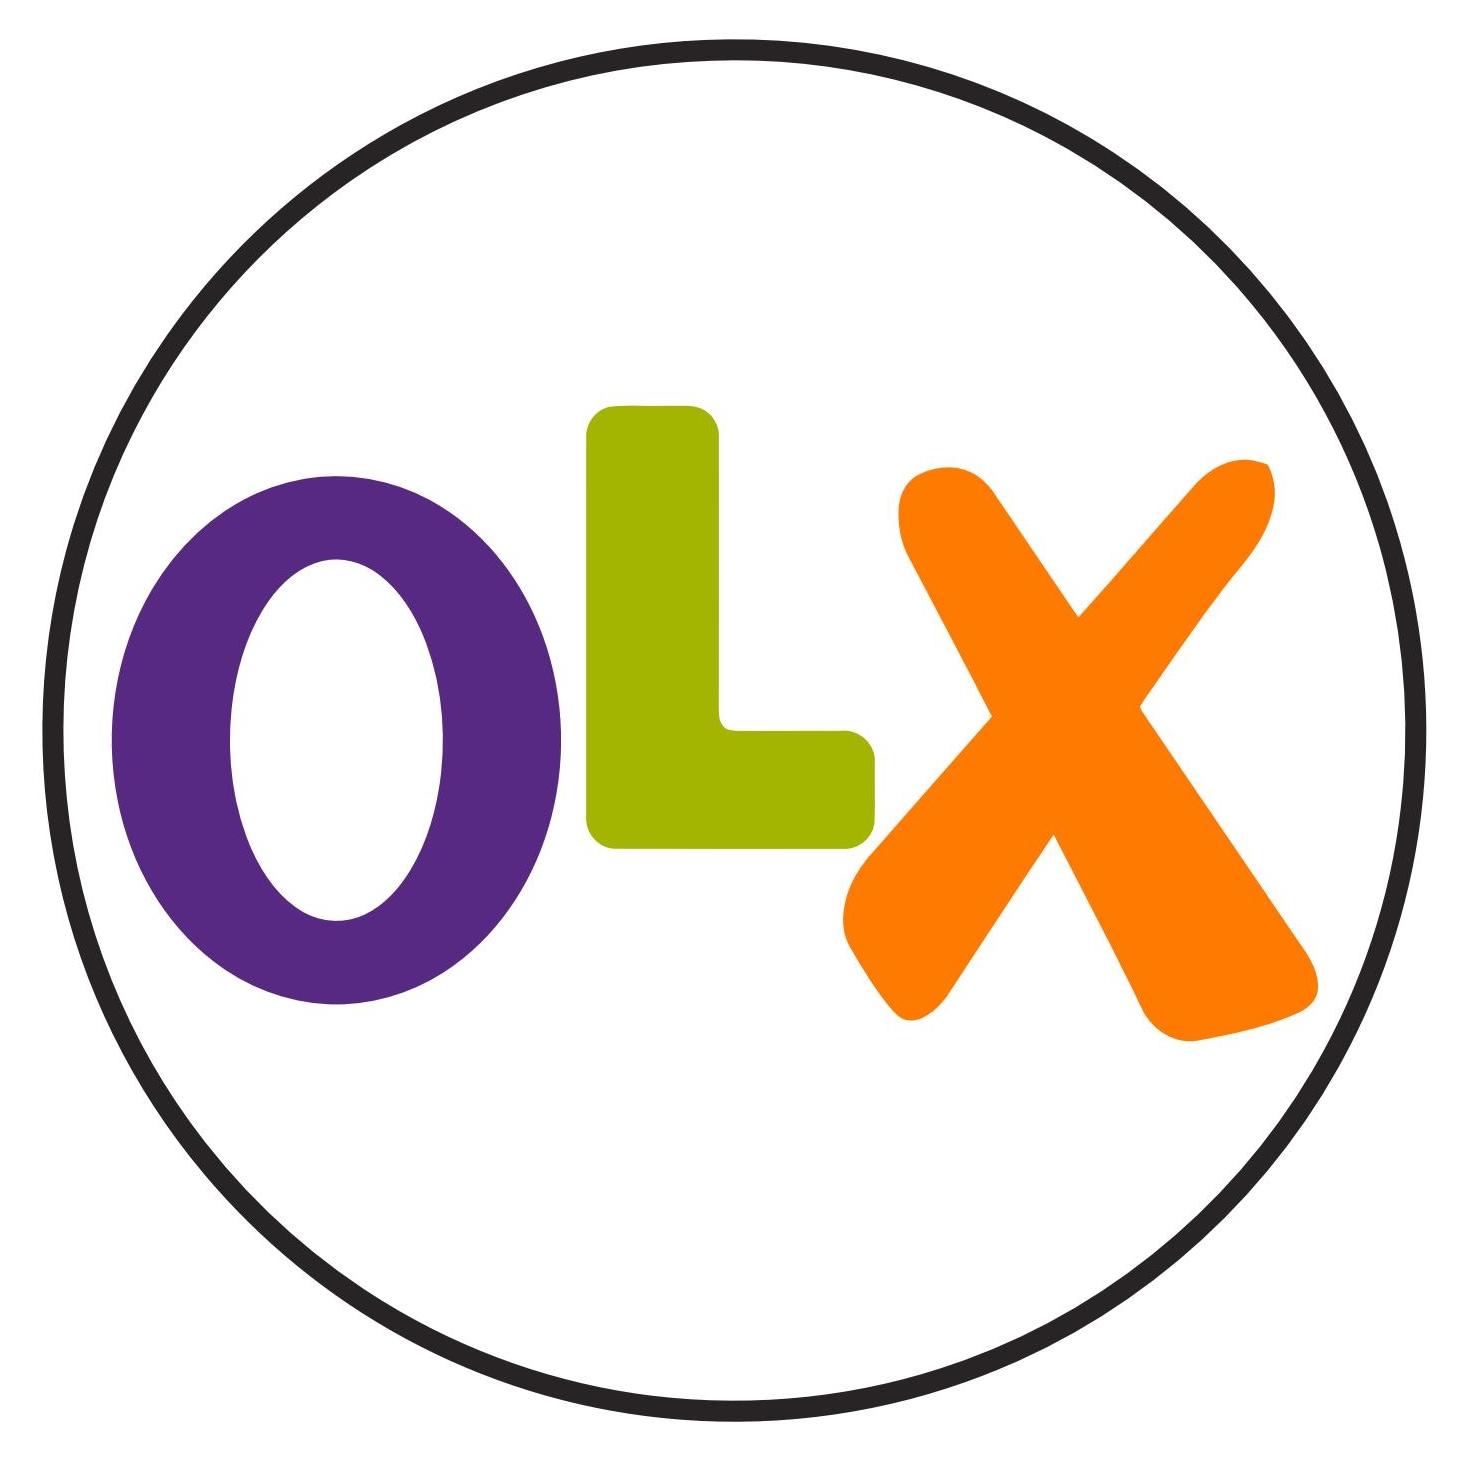 olx logo - O nama